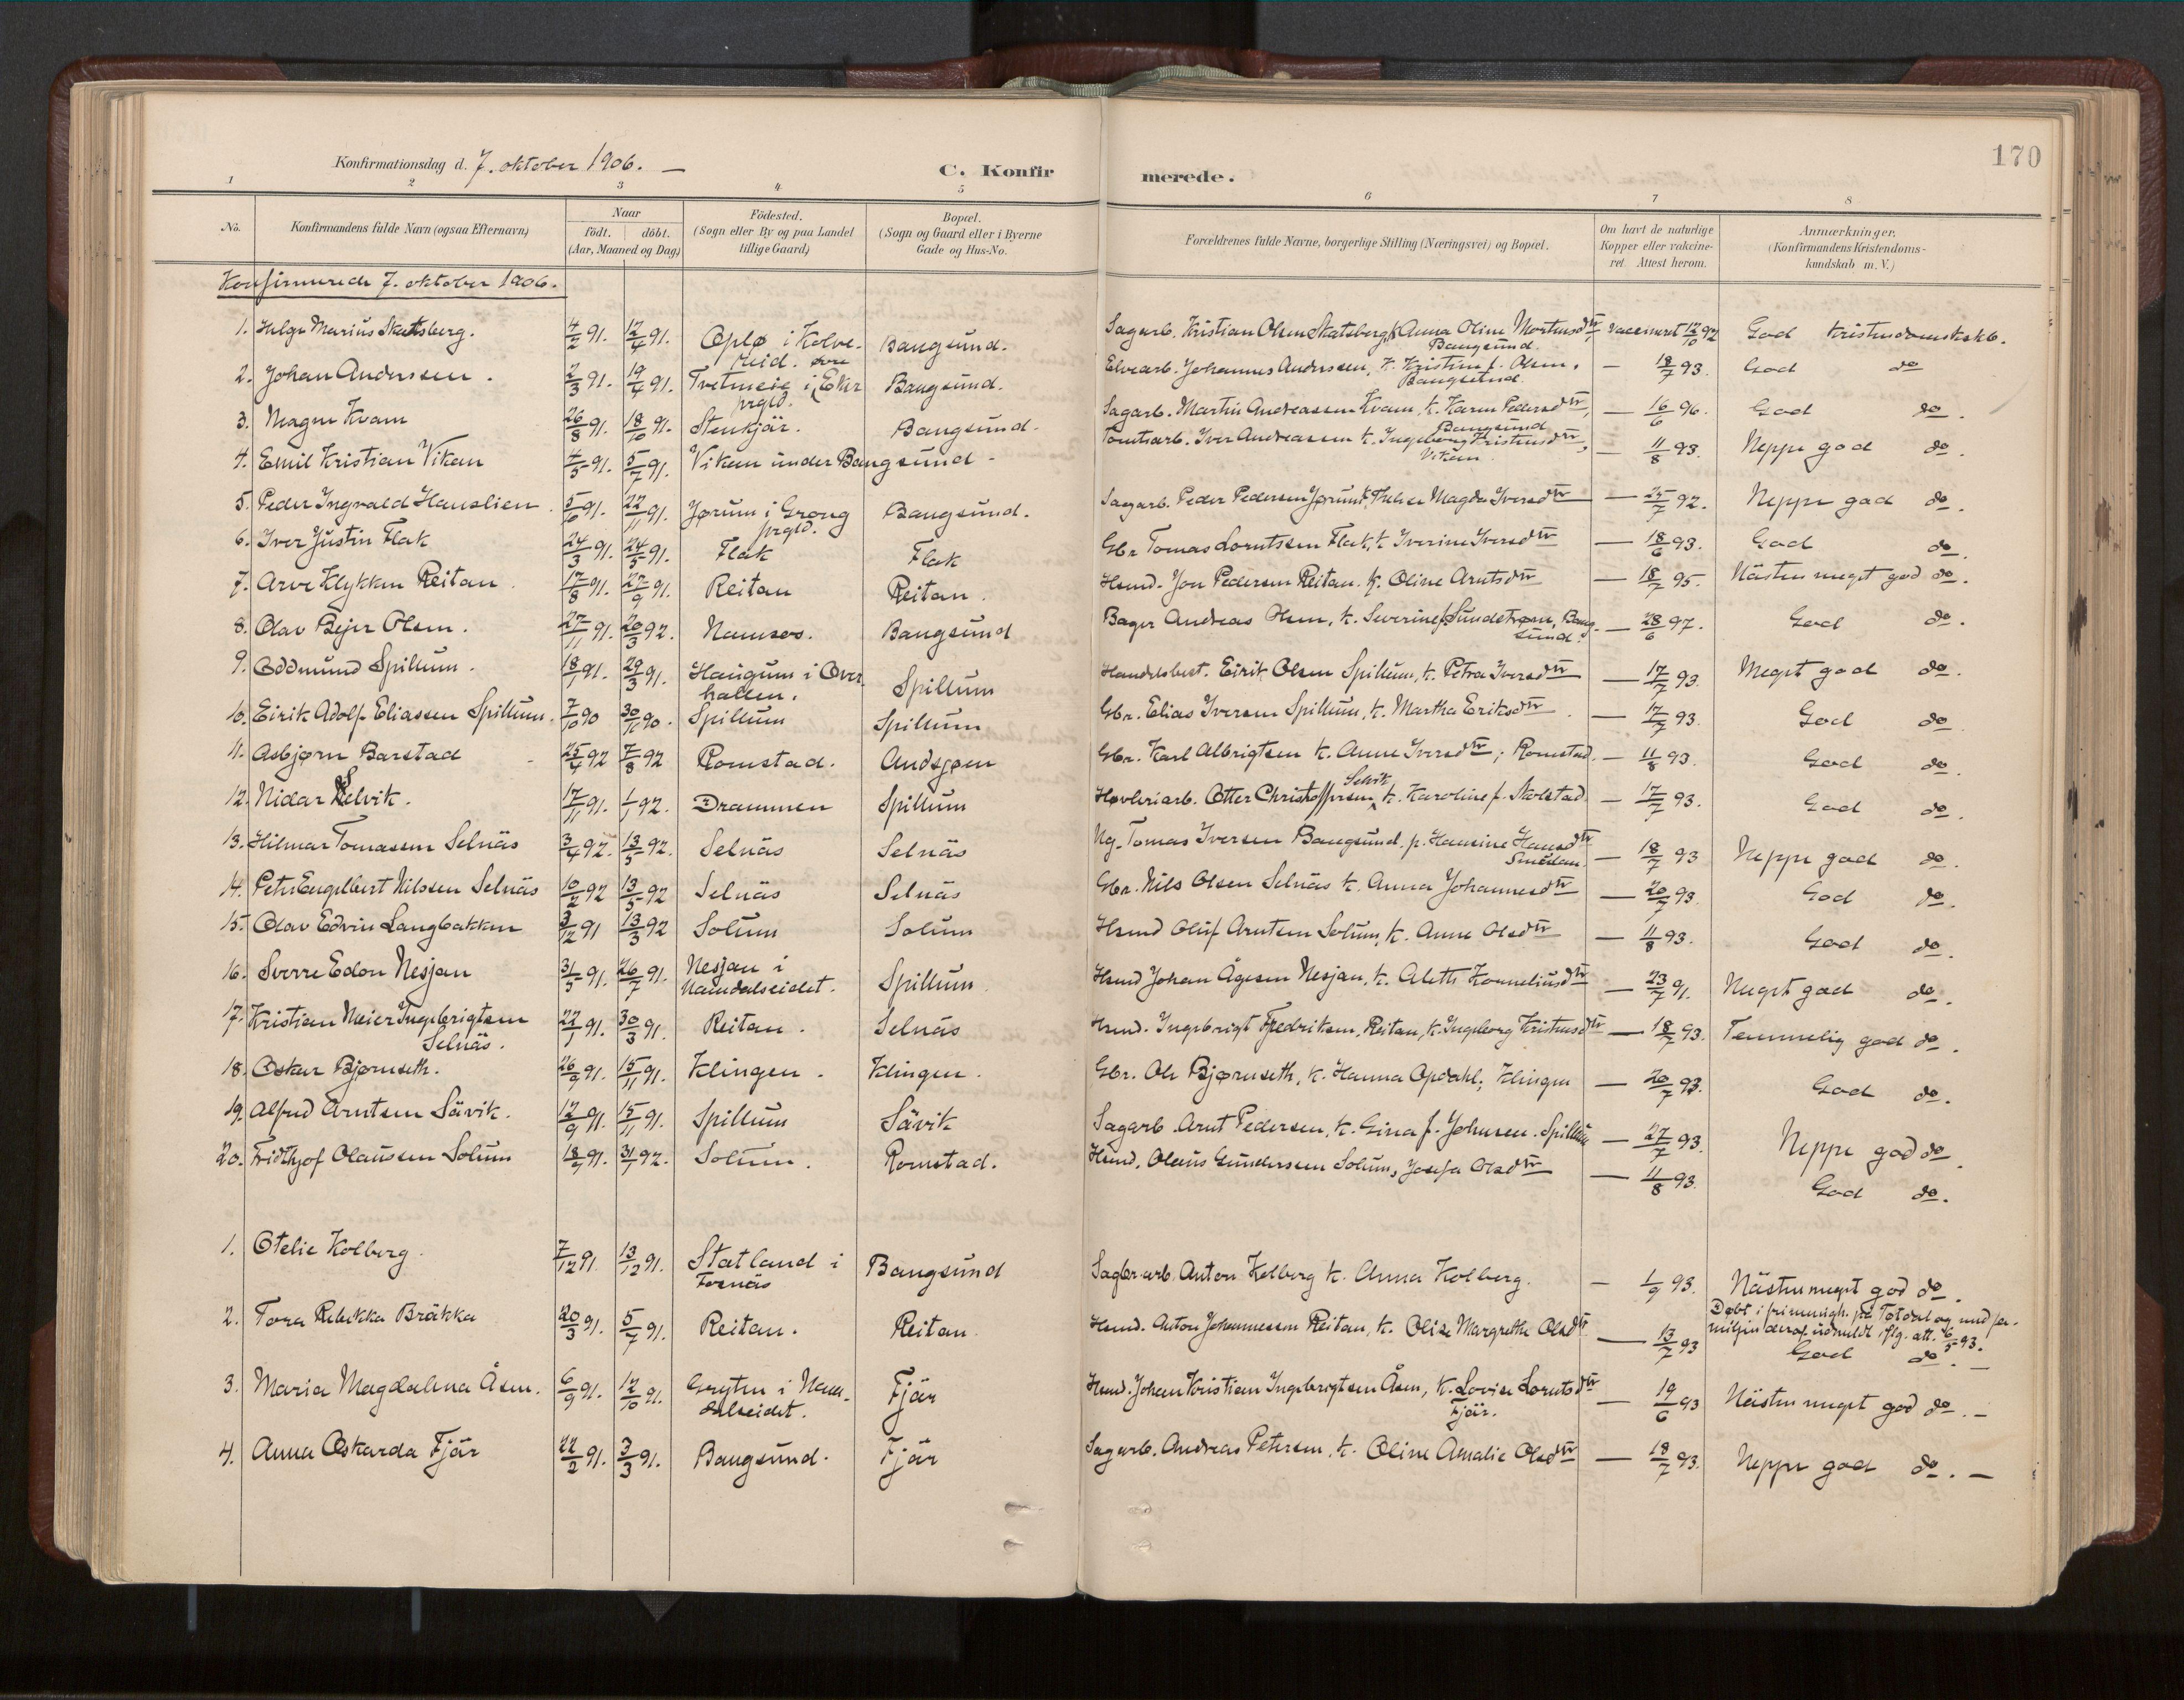 SAT, Ministerialprotokoller, klokkerbøker og fødselsregistre - Nord-Trøndelag, 770/L0589: Ministerialbok nr. 770A03, 1887-1929, s. 170